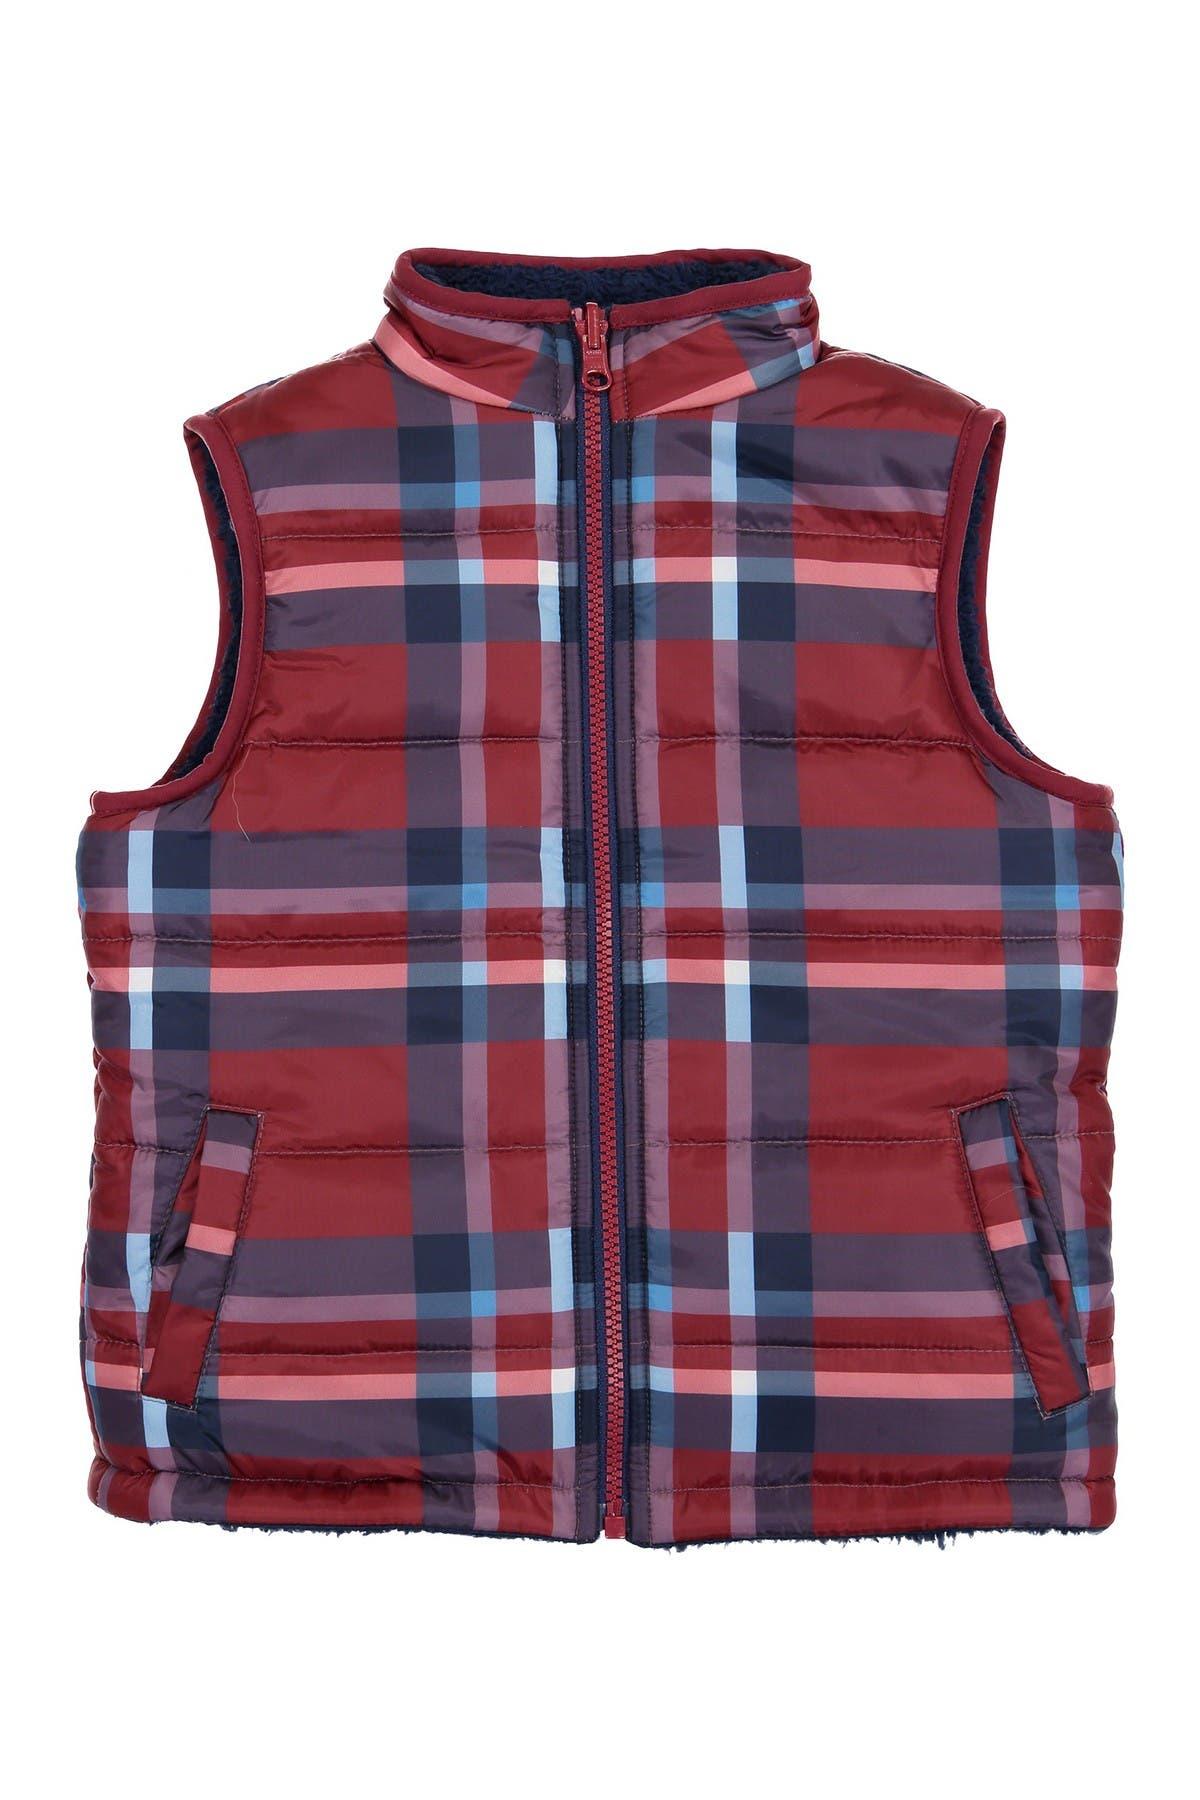 Image of Andy & Evan Reversible Fleece Vest